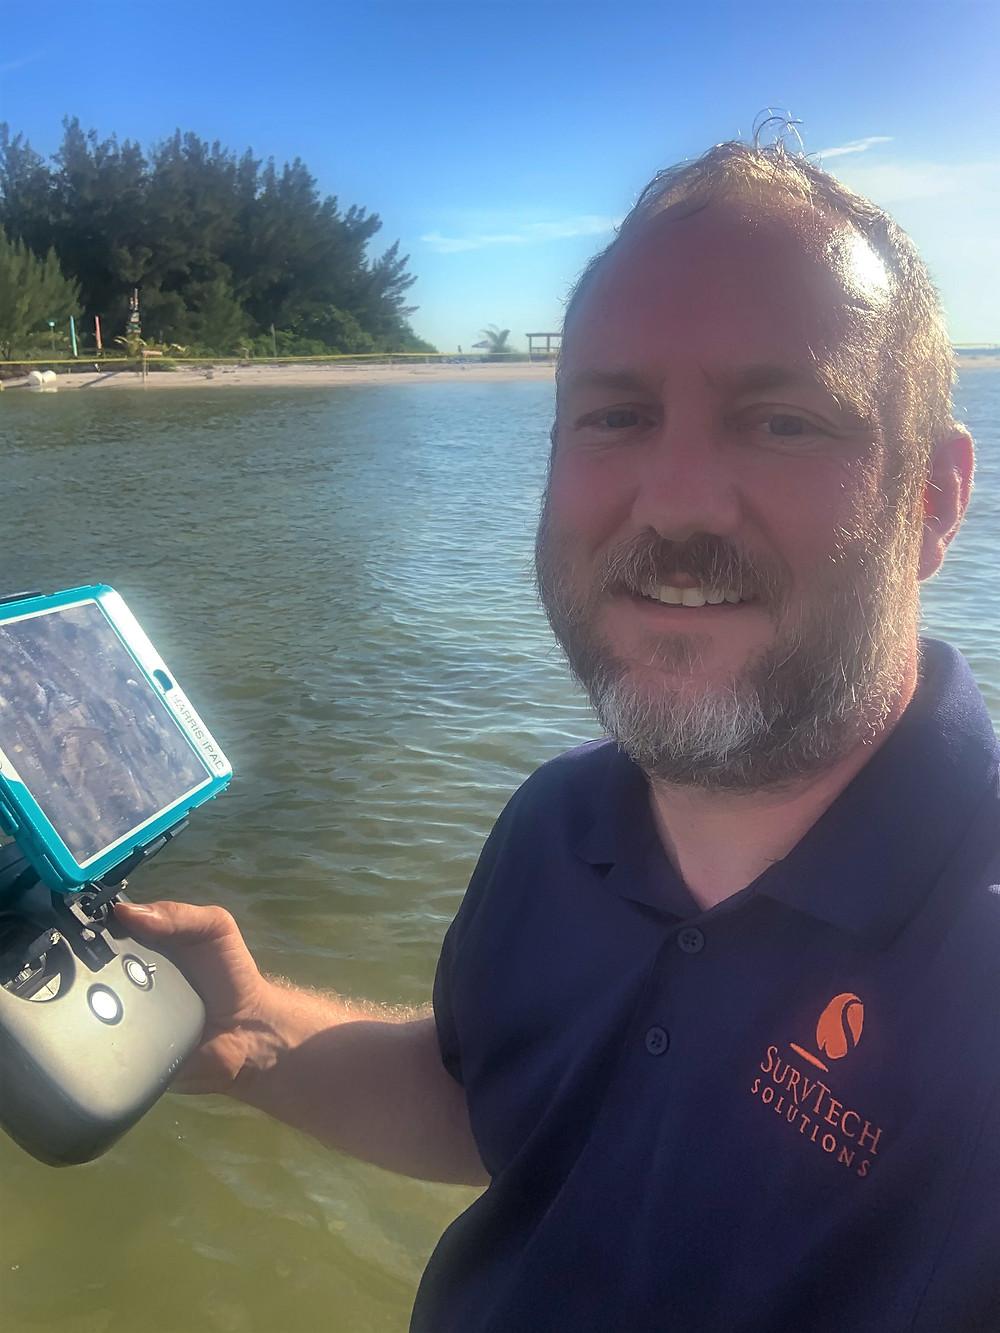 Mark Bickel UAV Department Head at SurvTech